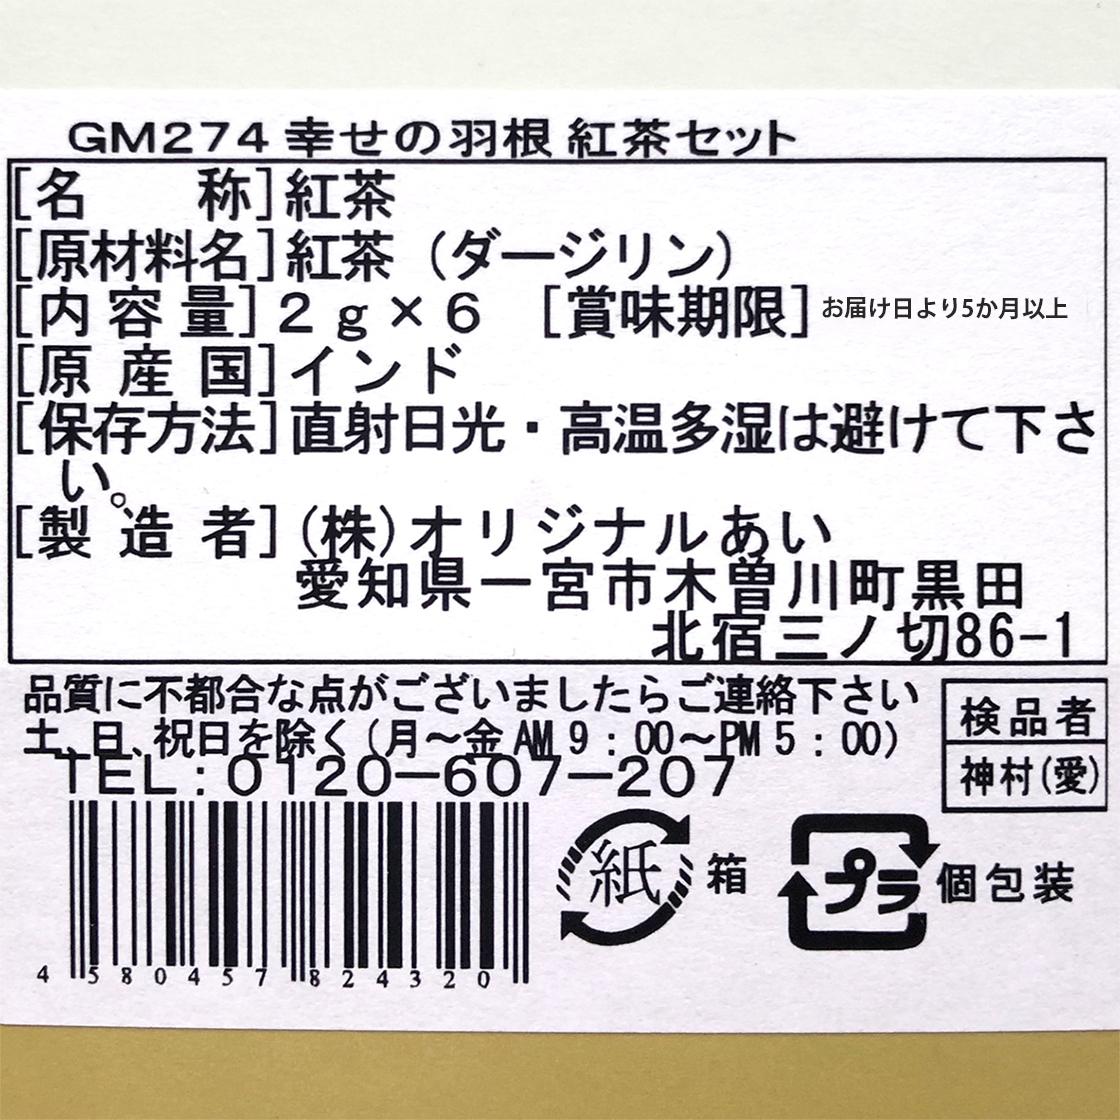 カタログギフト/クロンヌ 全6種類+バームクーヘン+紅茶 39